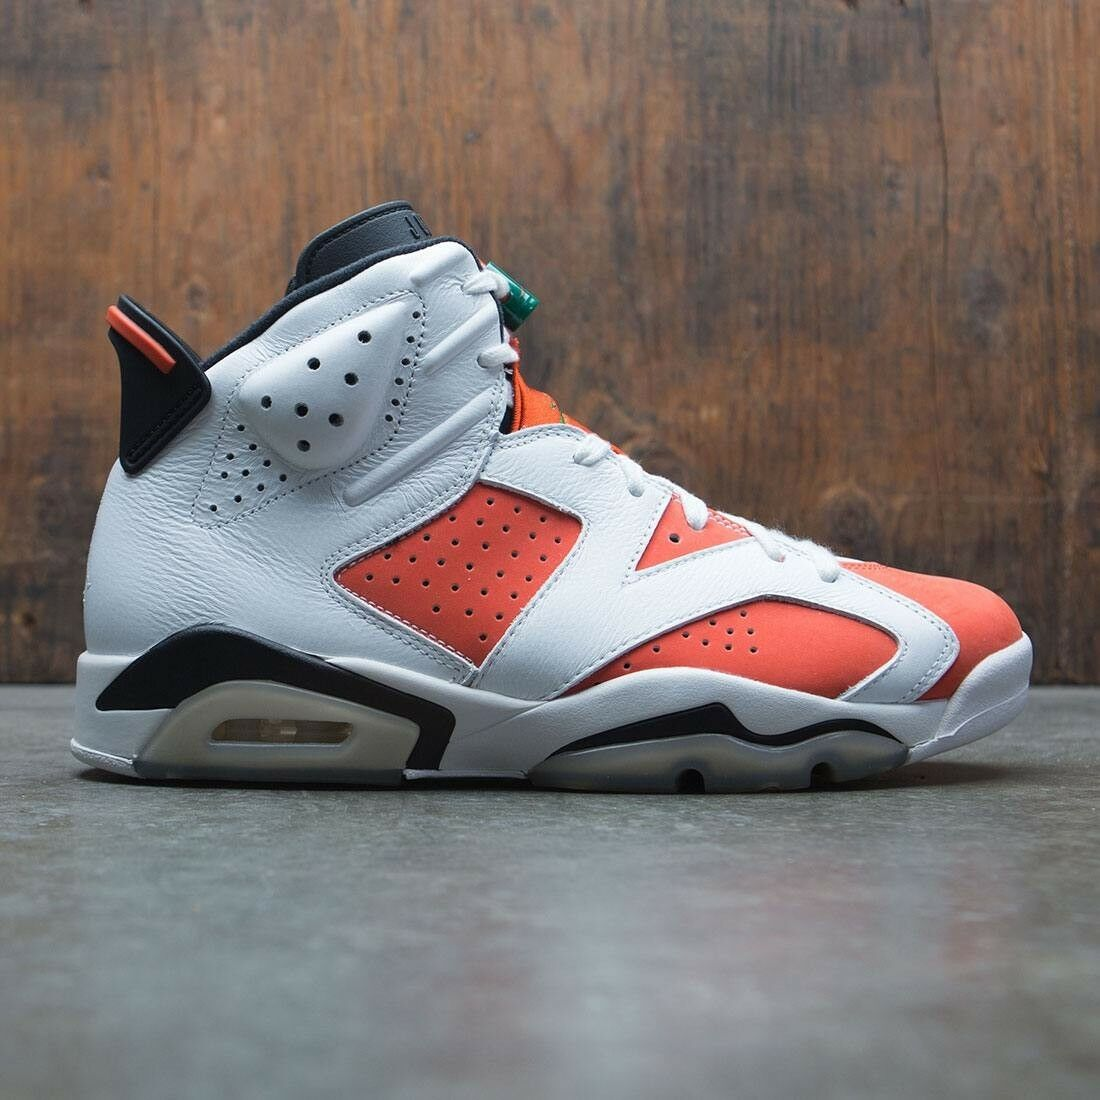 Nike Air Jordan 6 VI Retro White orange Be Like Mike Size 11.5. 384664-145 1 2 3